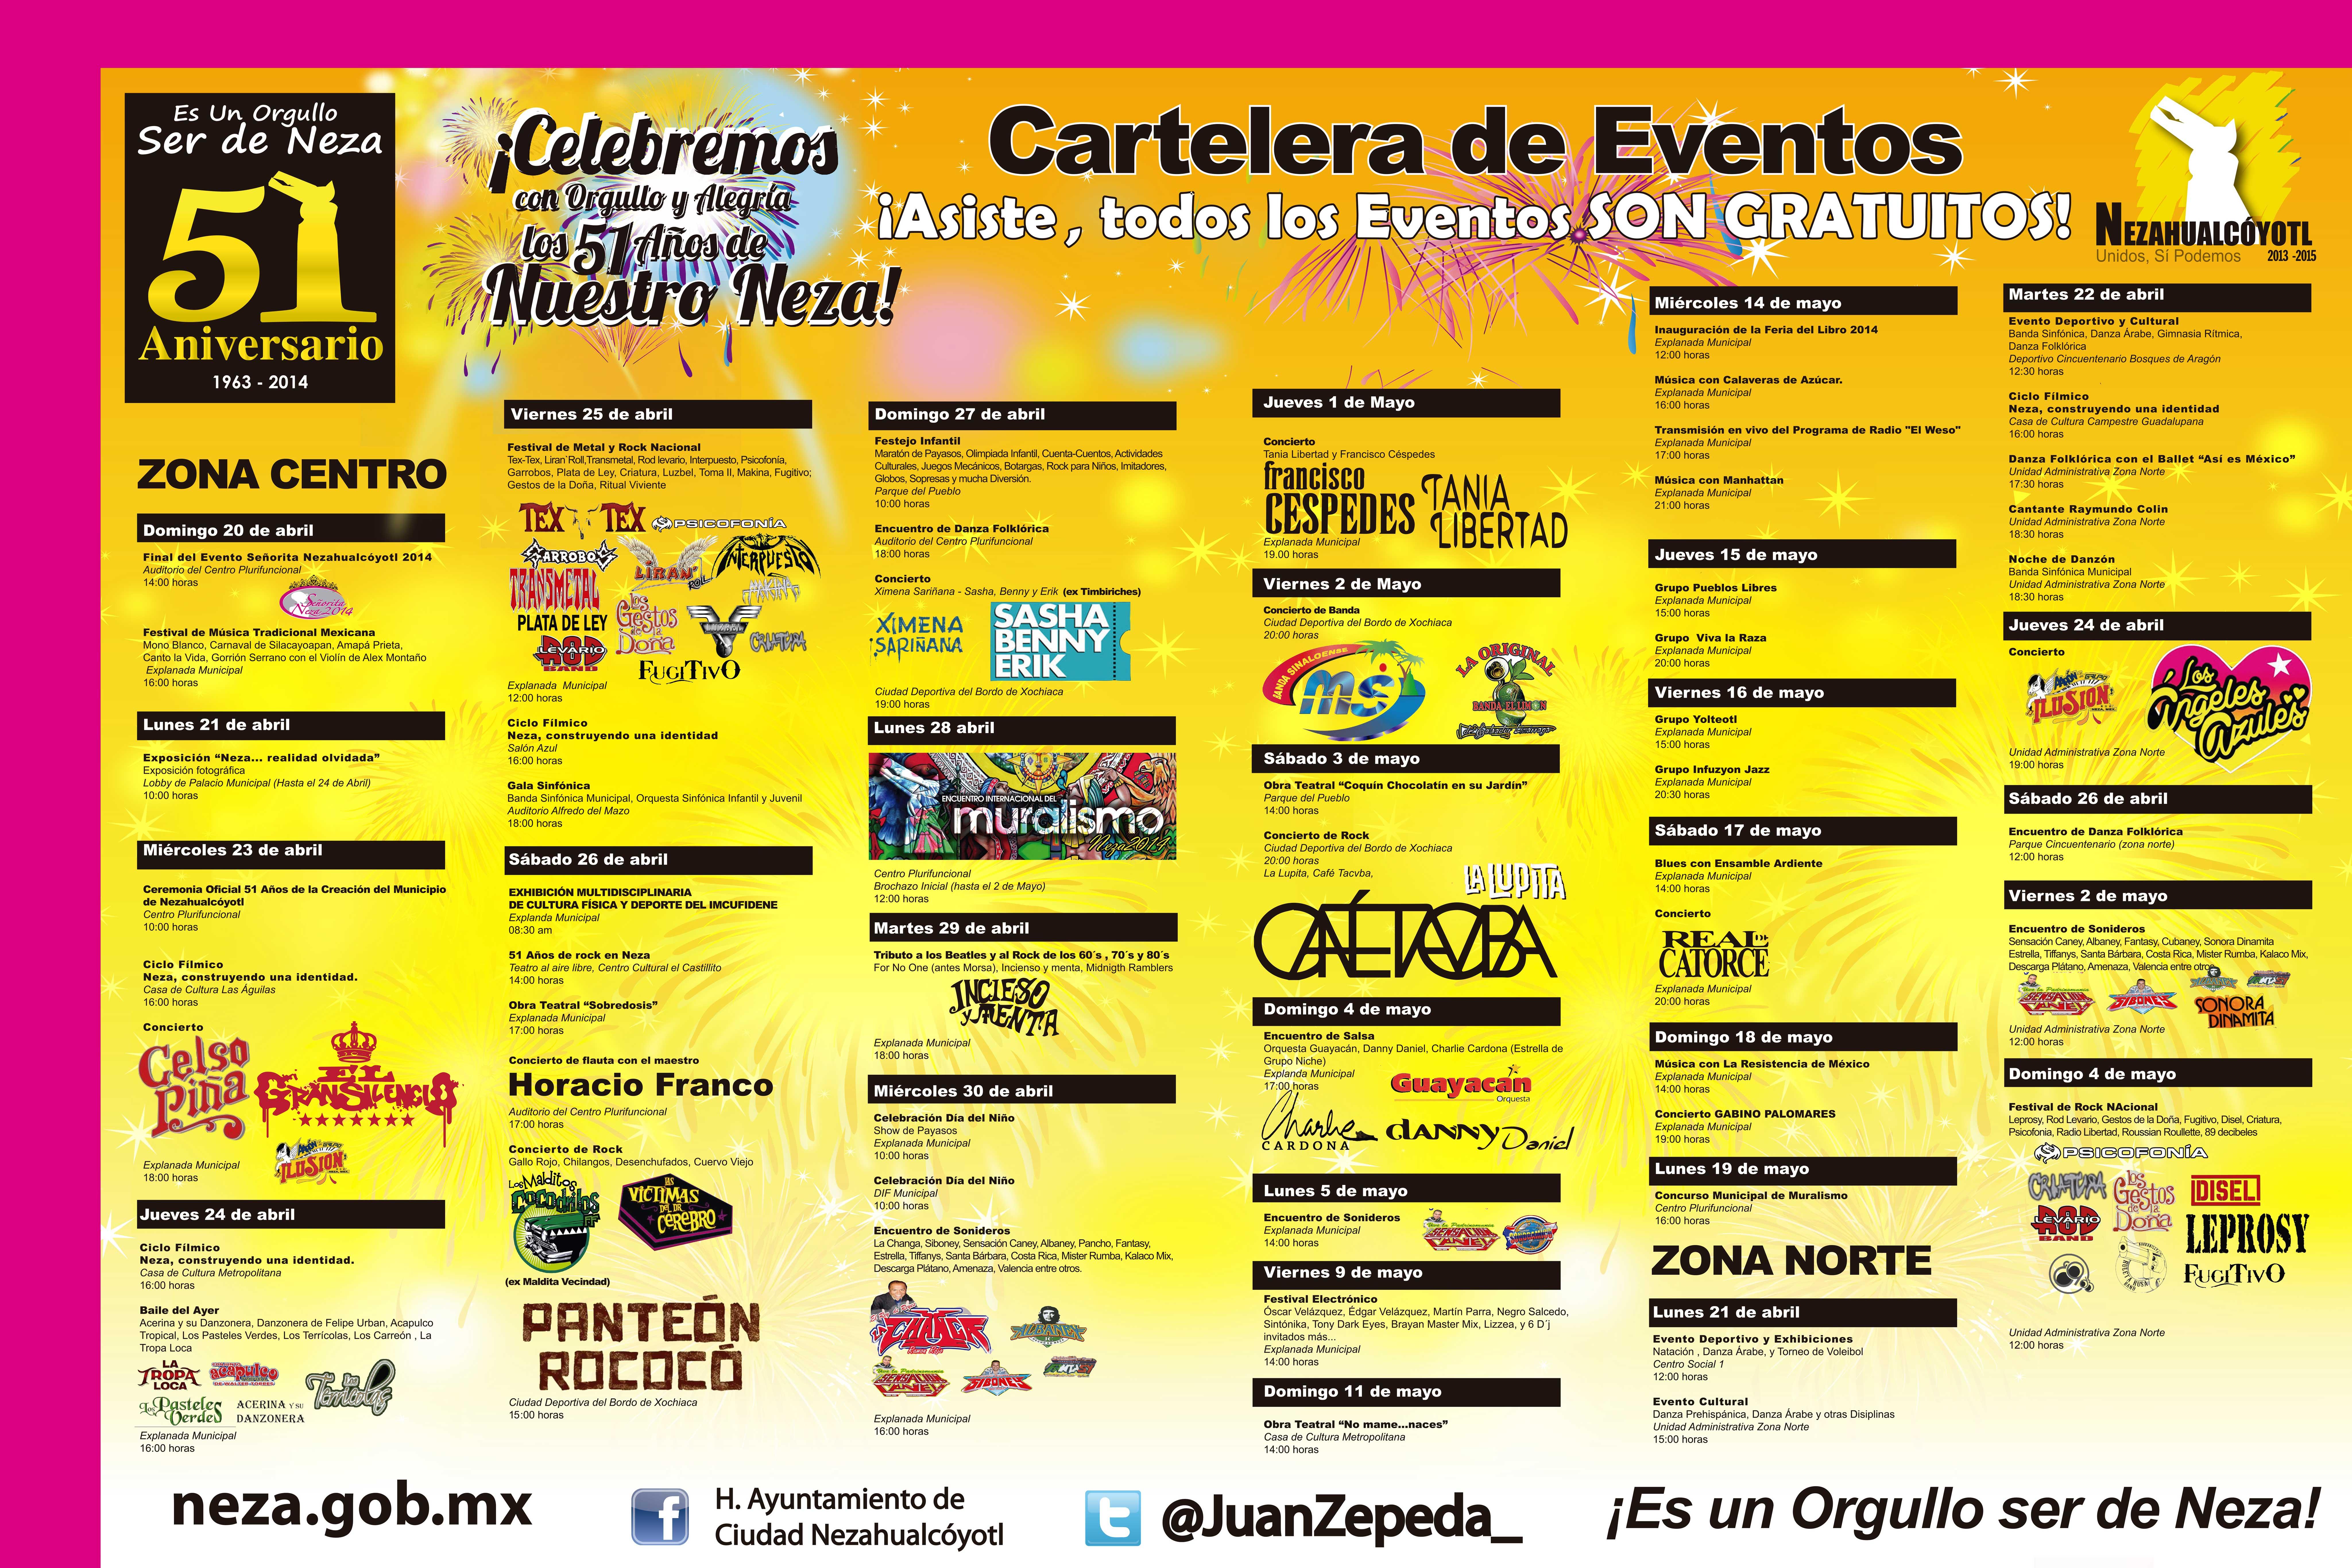 Se presentar n gratis en nezahualc yotl caf tacvba for Cartelera de cinepolis en plaza jardin nezahualcoyotl